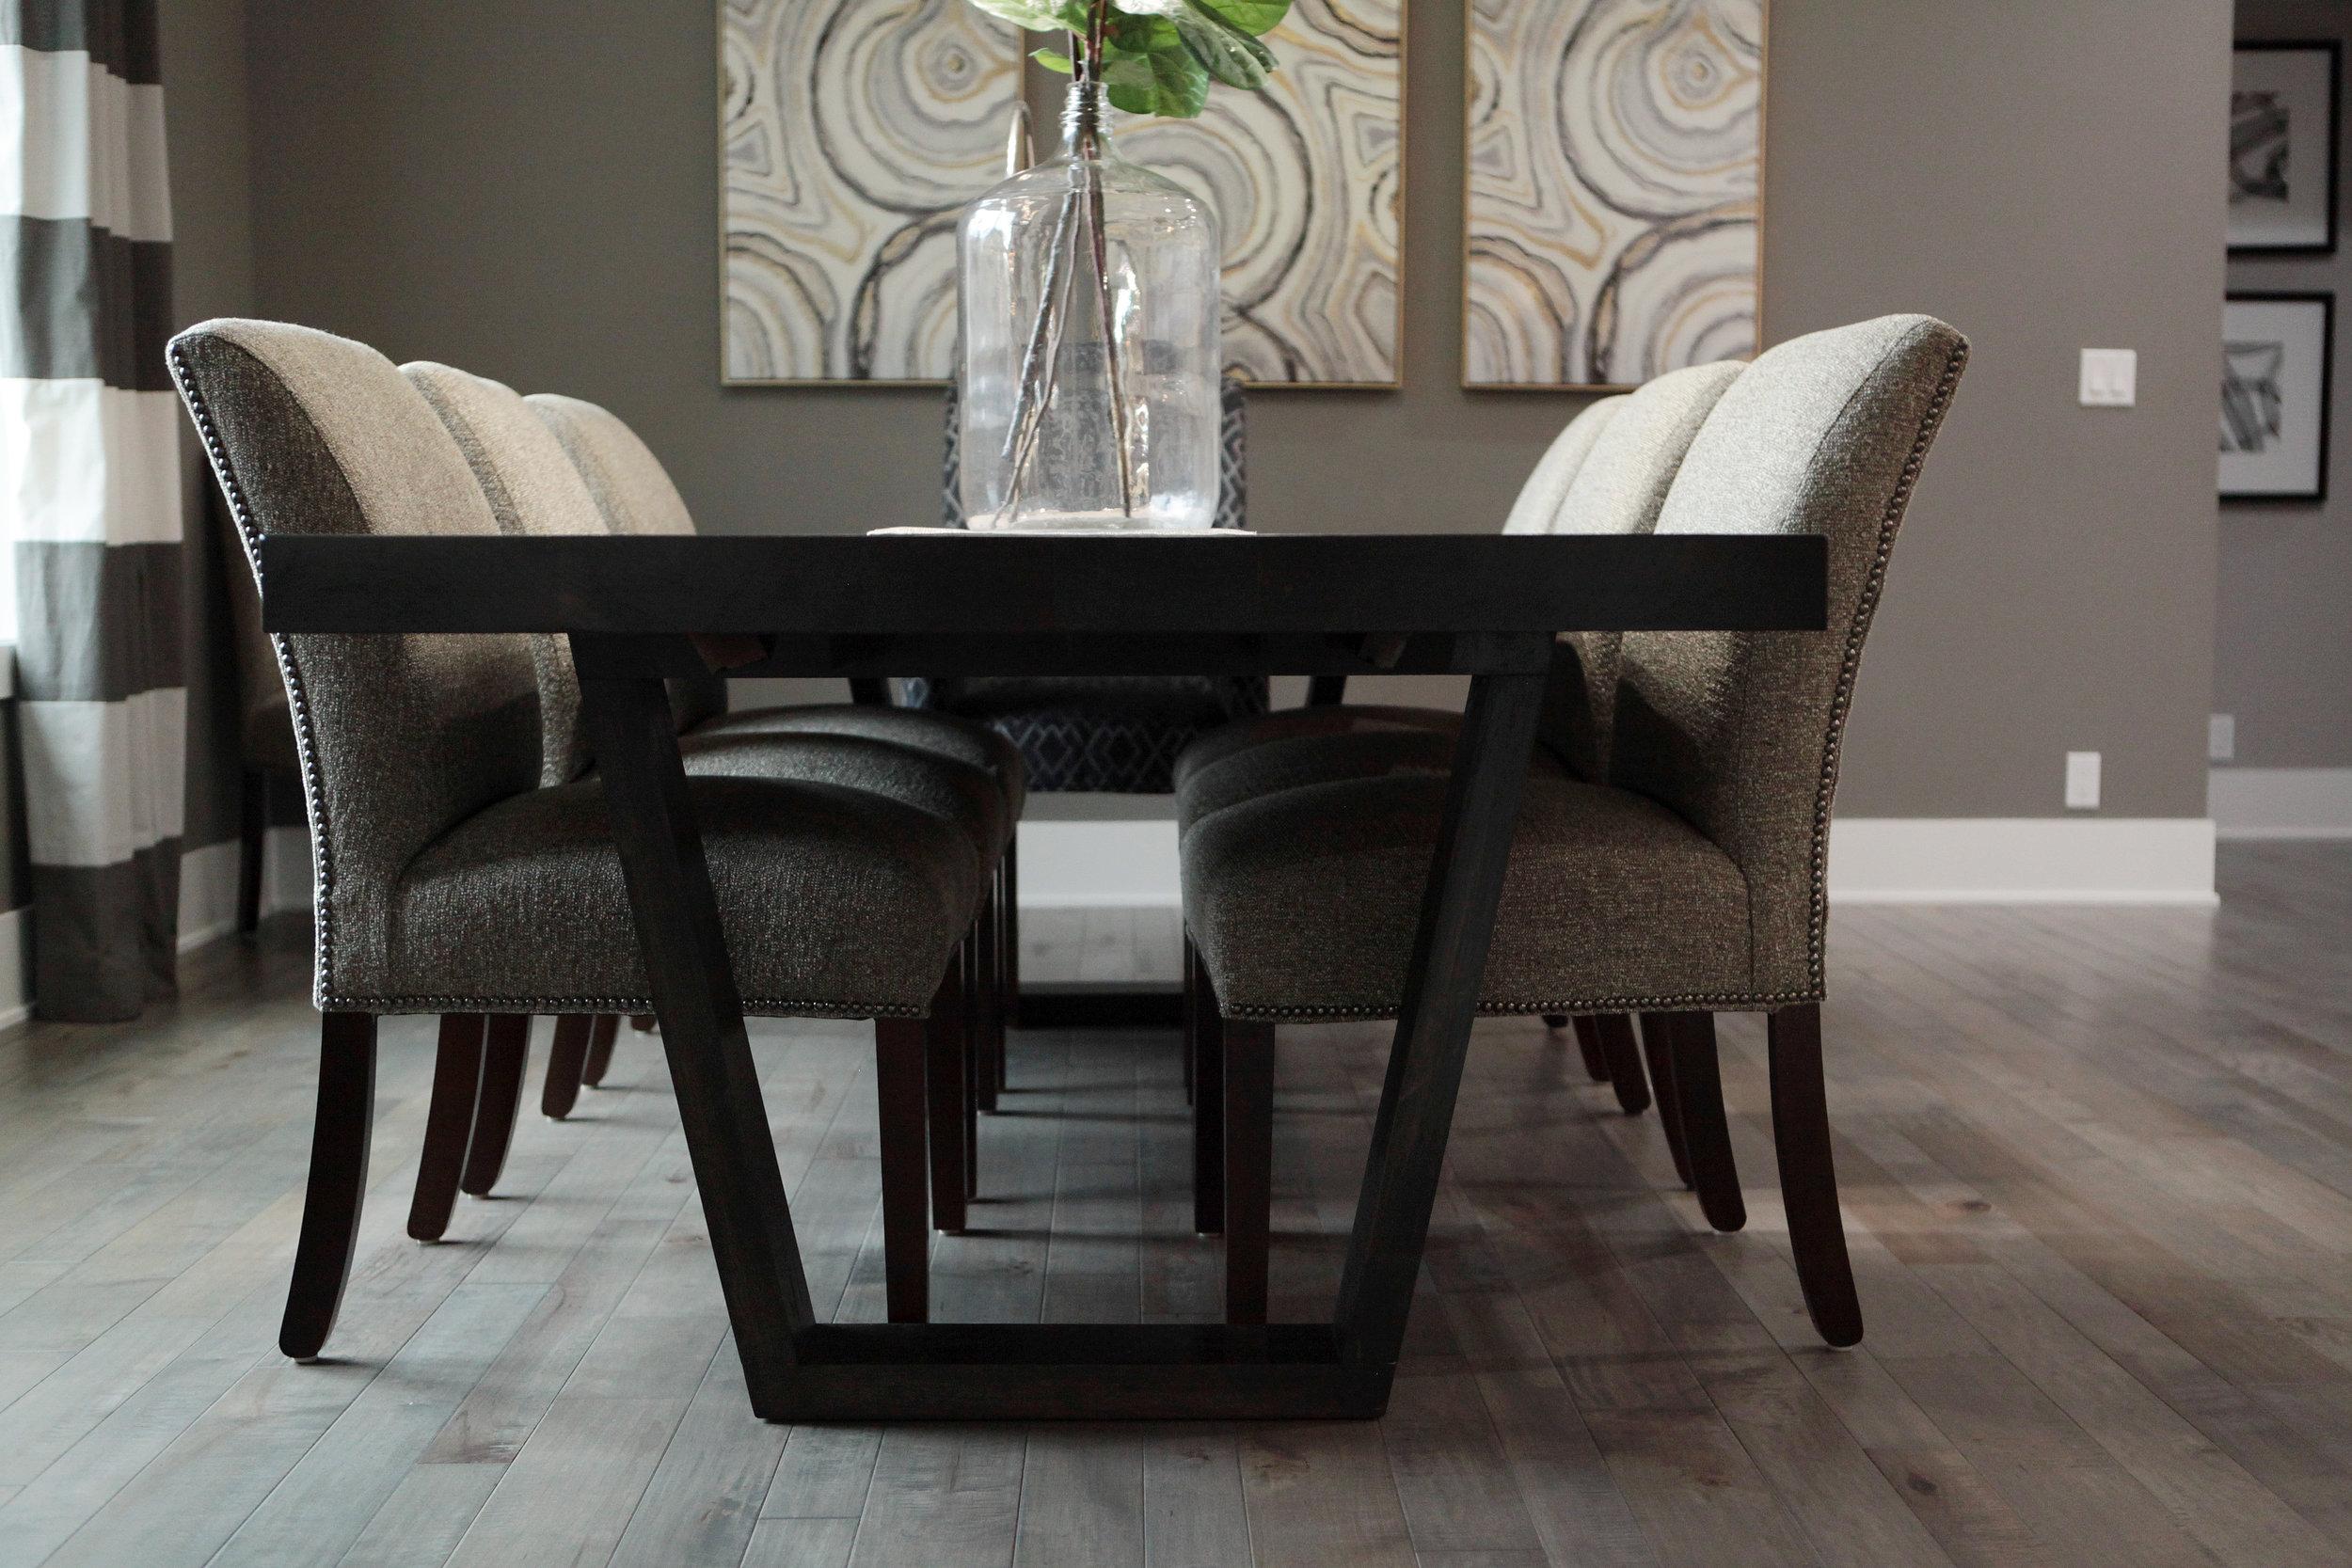 Westerbeke+dining+table+end.jpeg